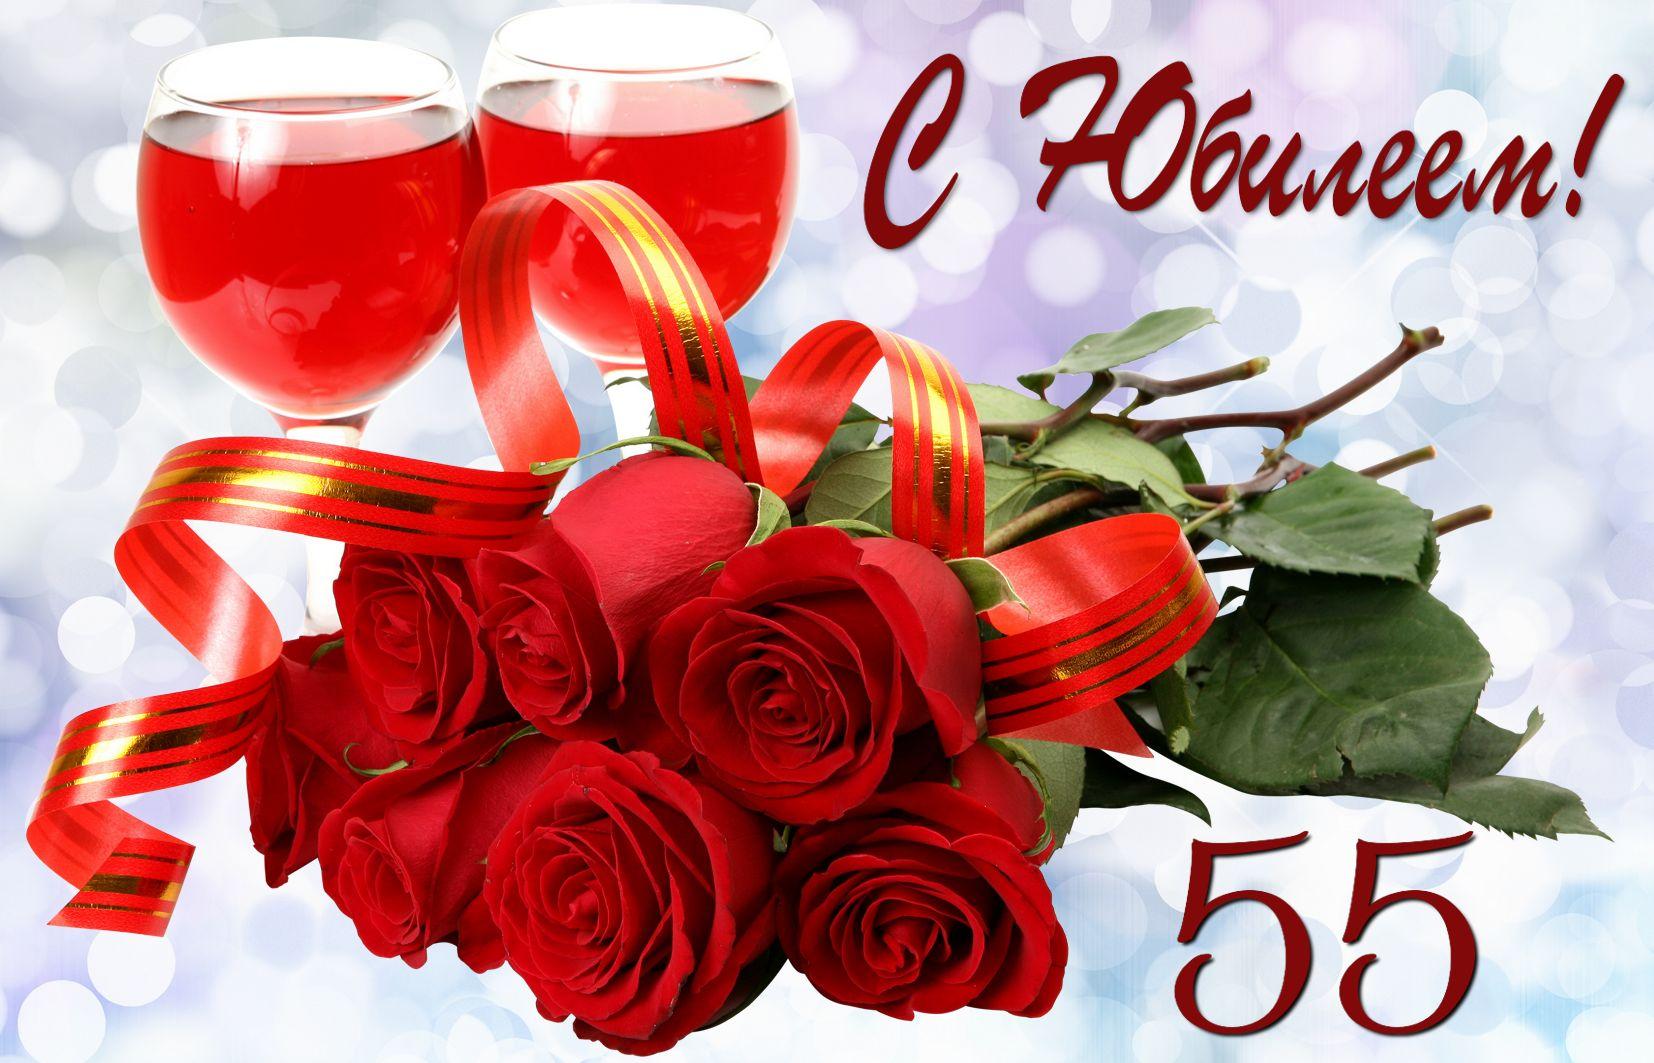 Открытка на юбилей 55 лет - букет красных роз и бокалы с вином